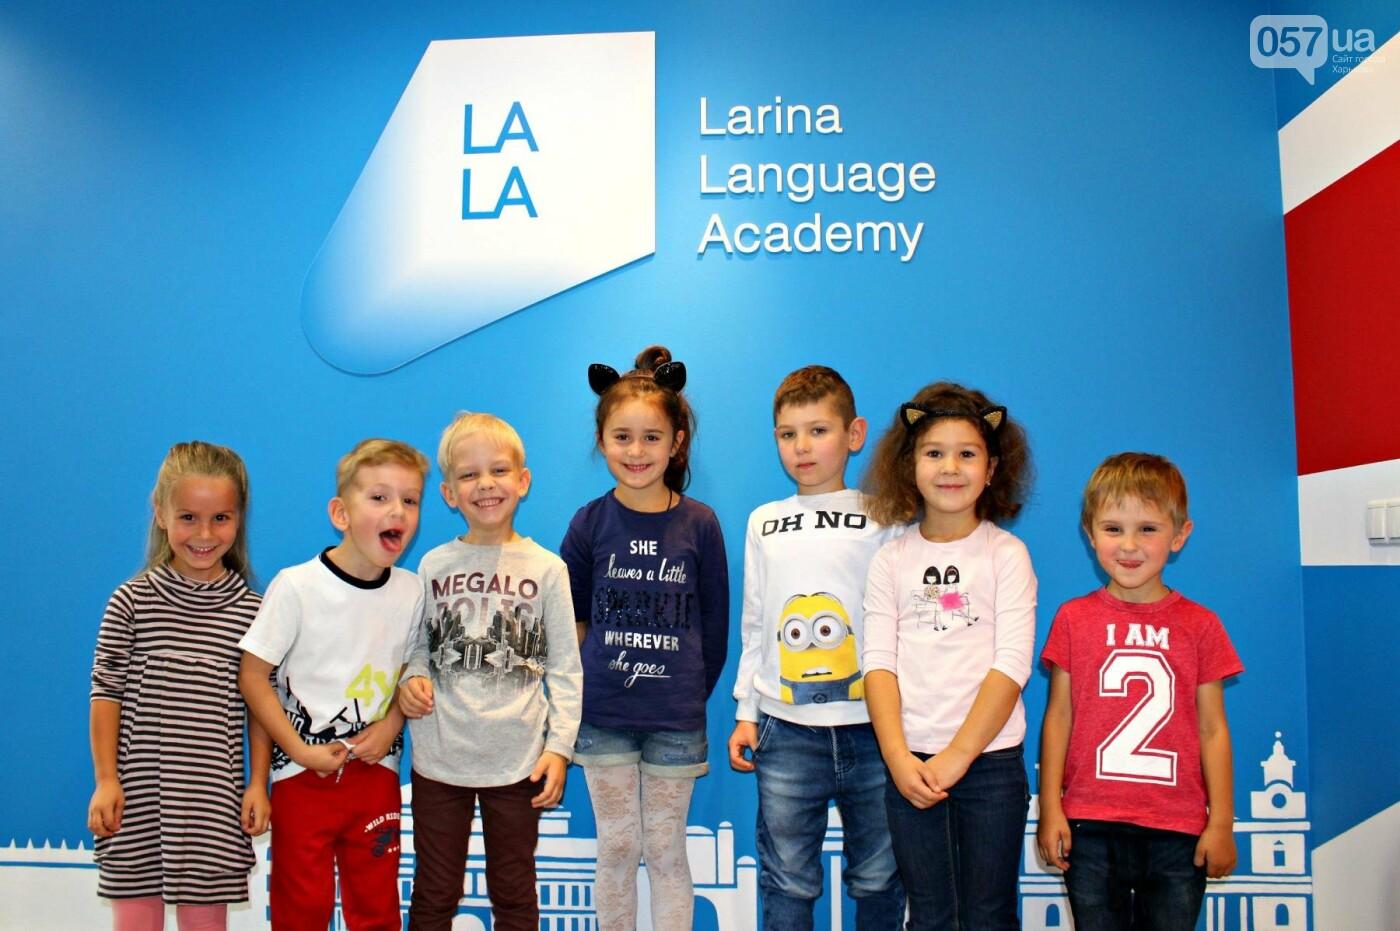 Курсы английского в Харькове ᐈ куда пойти учить английский?, фото-40